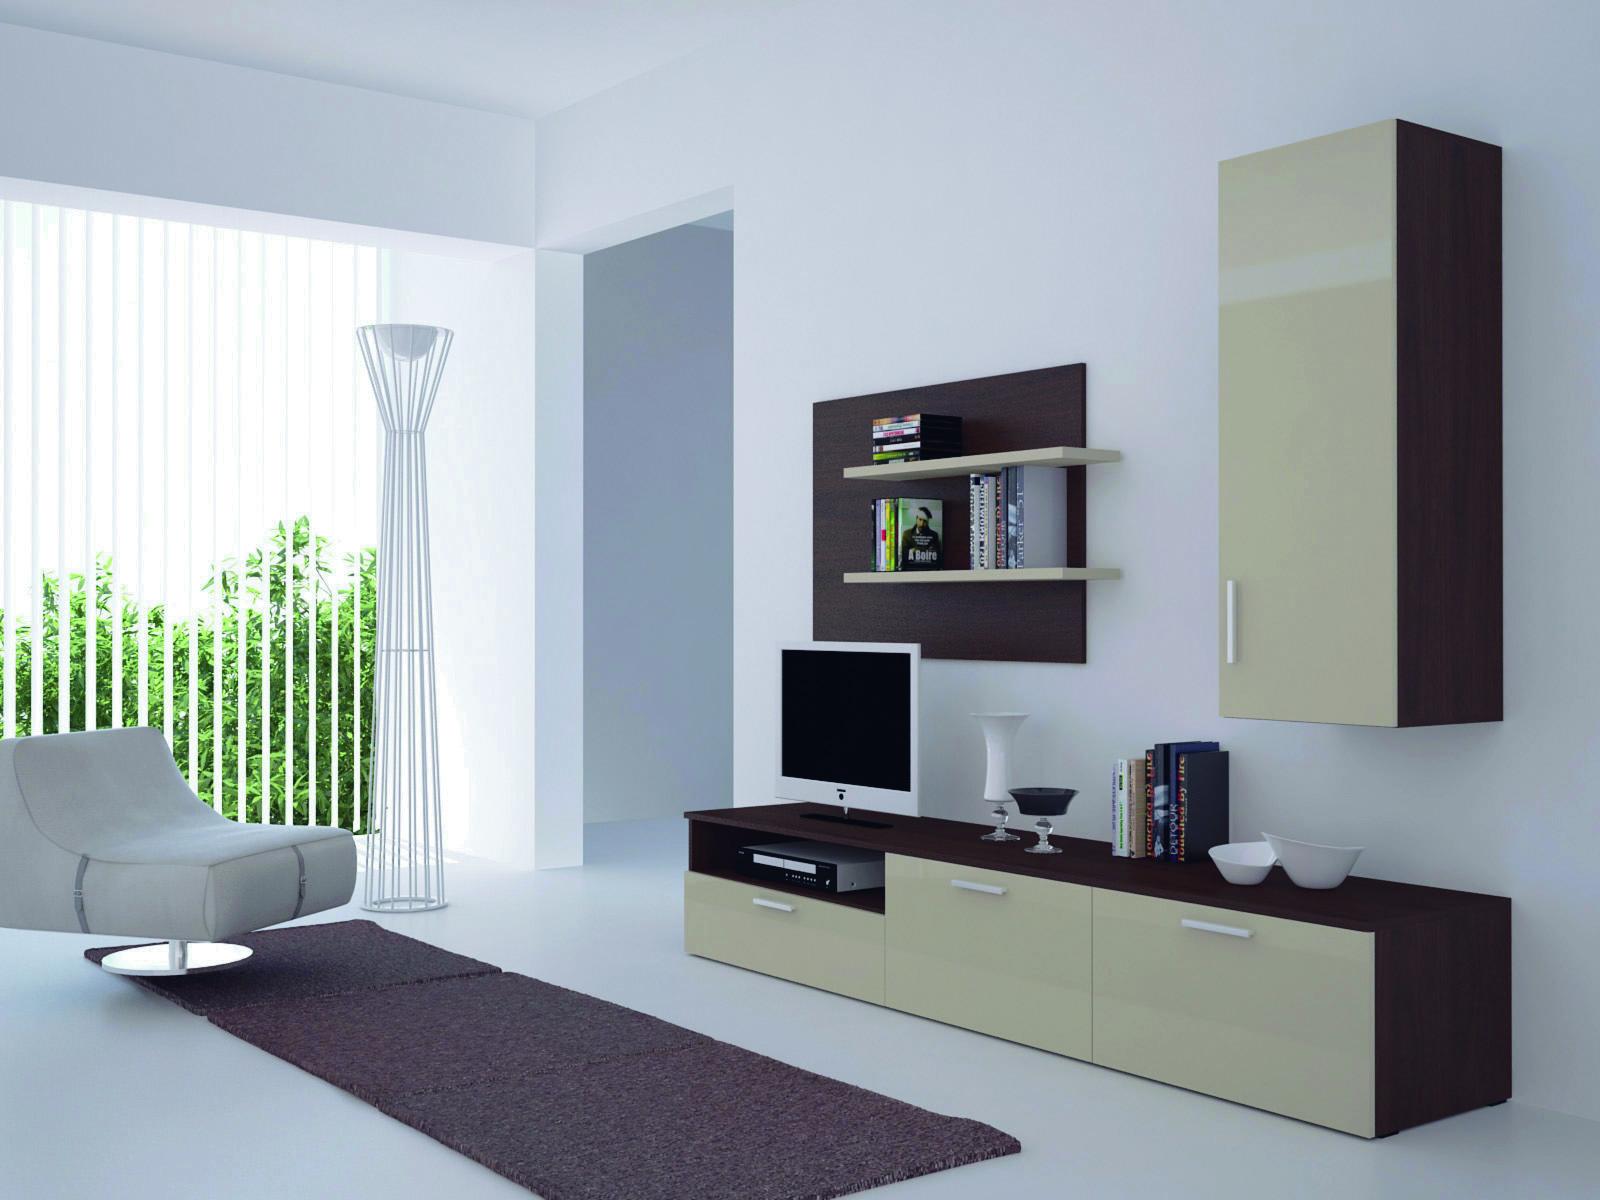 Белый, бежевый и коричневый цвета в интерьере гостиной в стиле минимализм